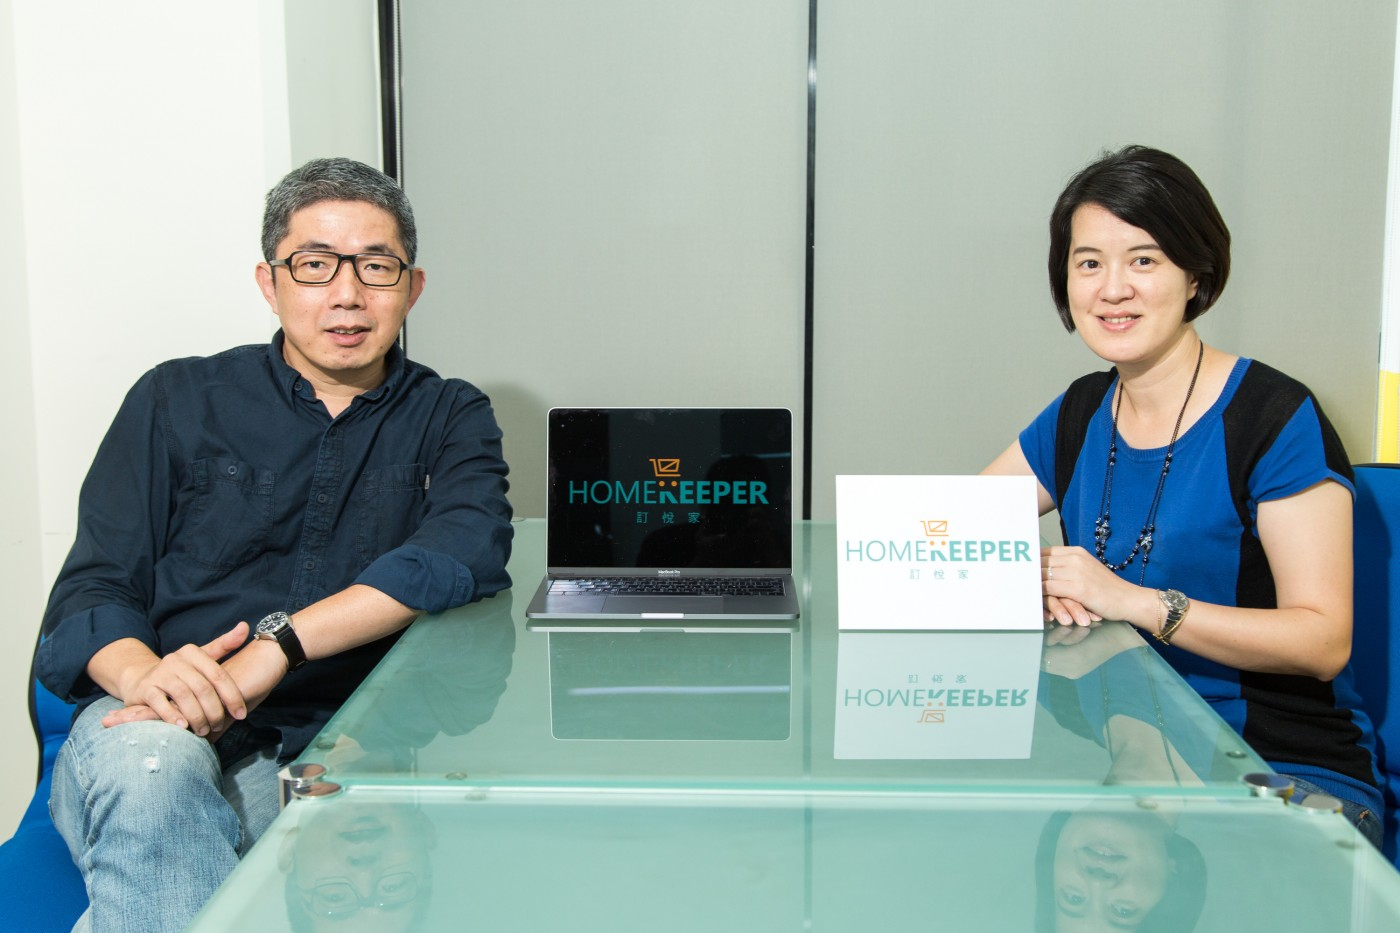 全台第一家、忙碌生活的救星!提供訂閱居家汰換品的電商平台 HomeKeeper